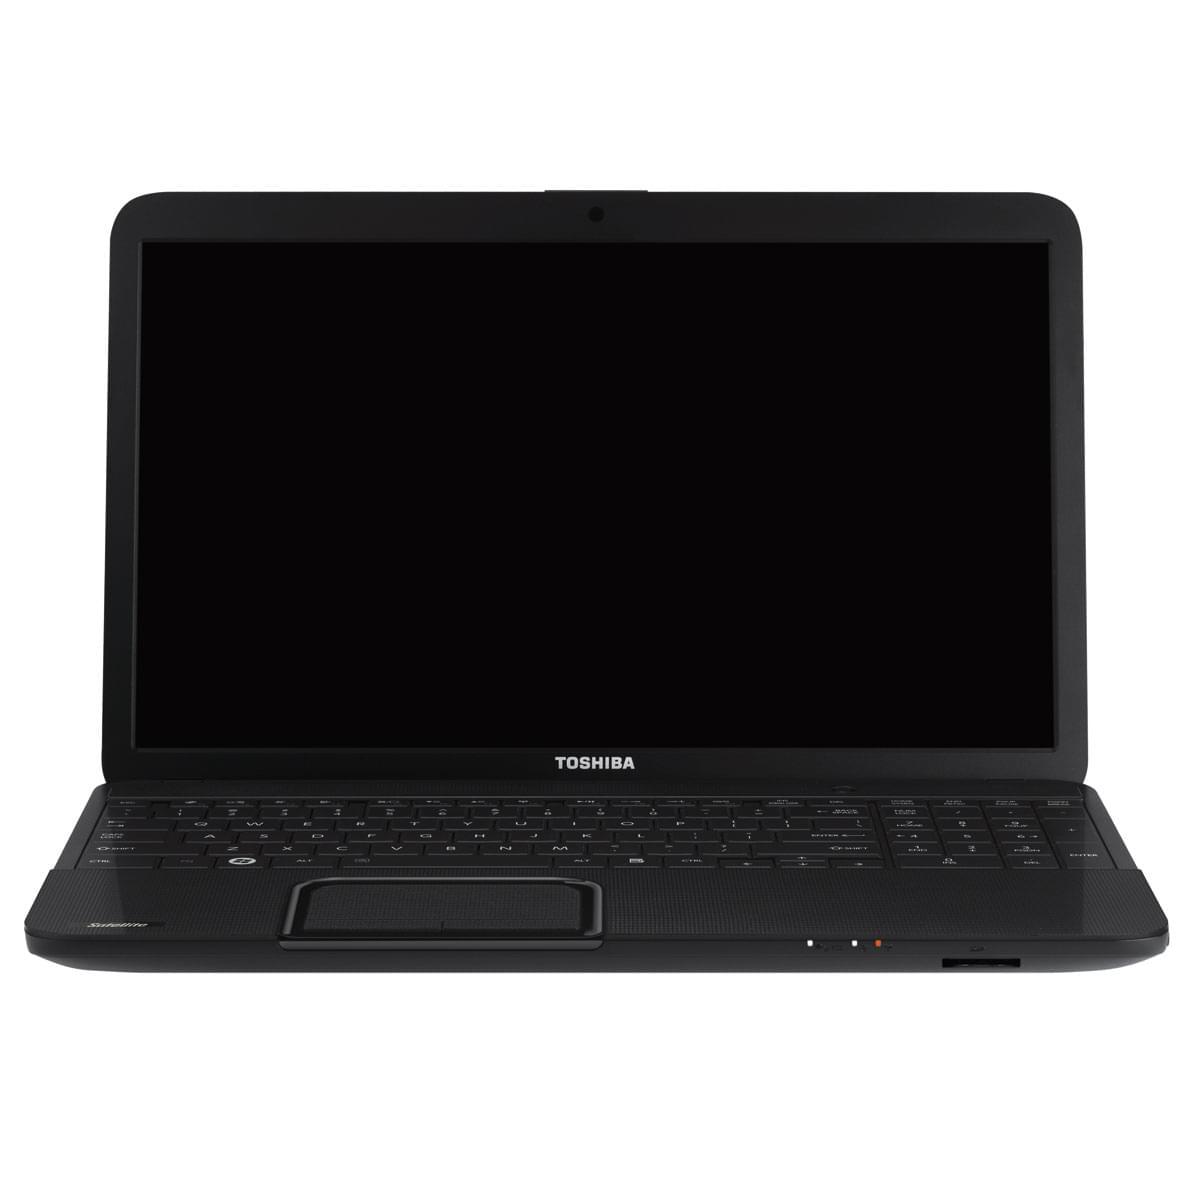 Toshiba C850D-119 (PSCC2E-00800KFR) - Achat / Vente PC Portable sur Cybertek.fr - 0